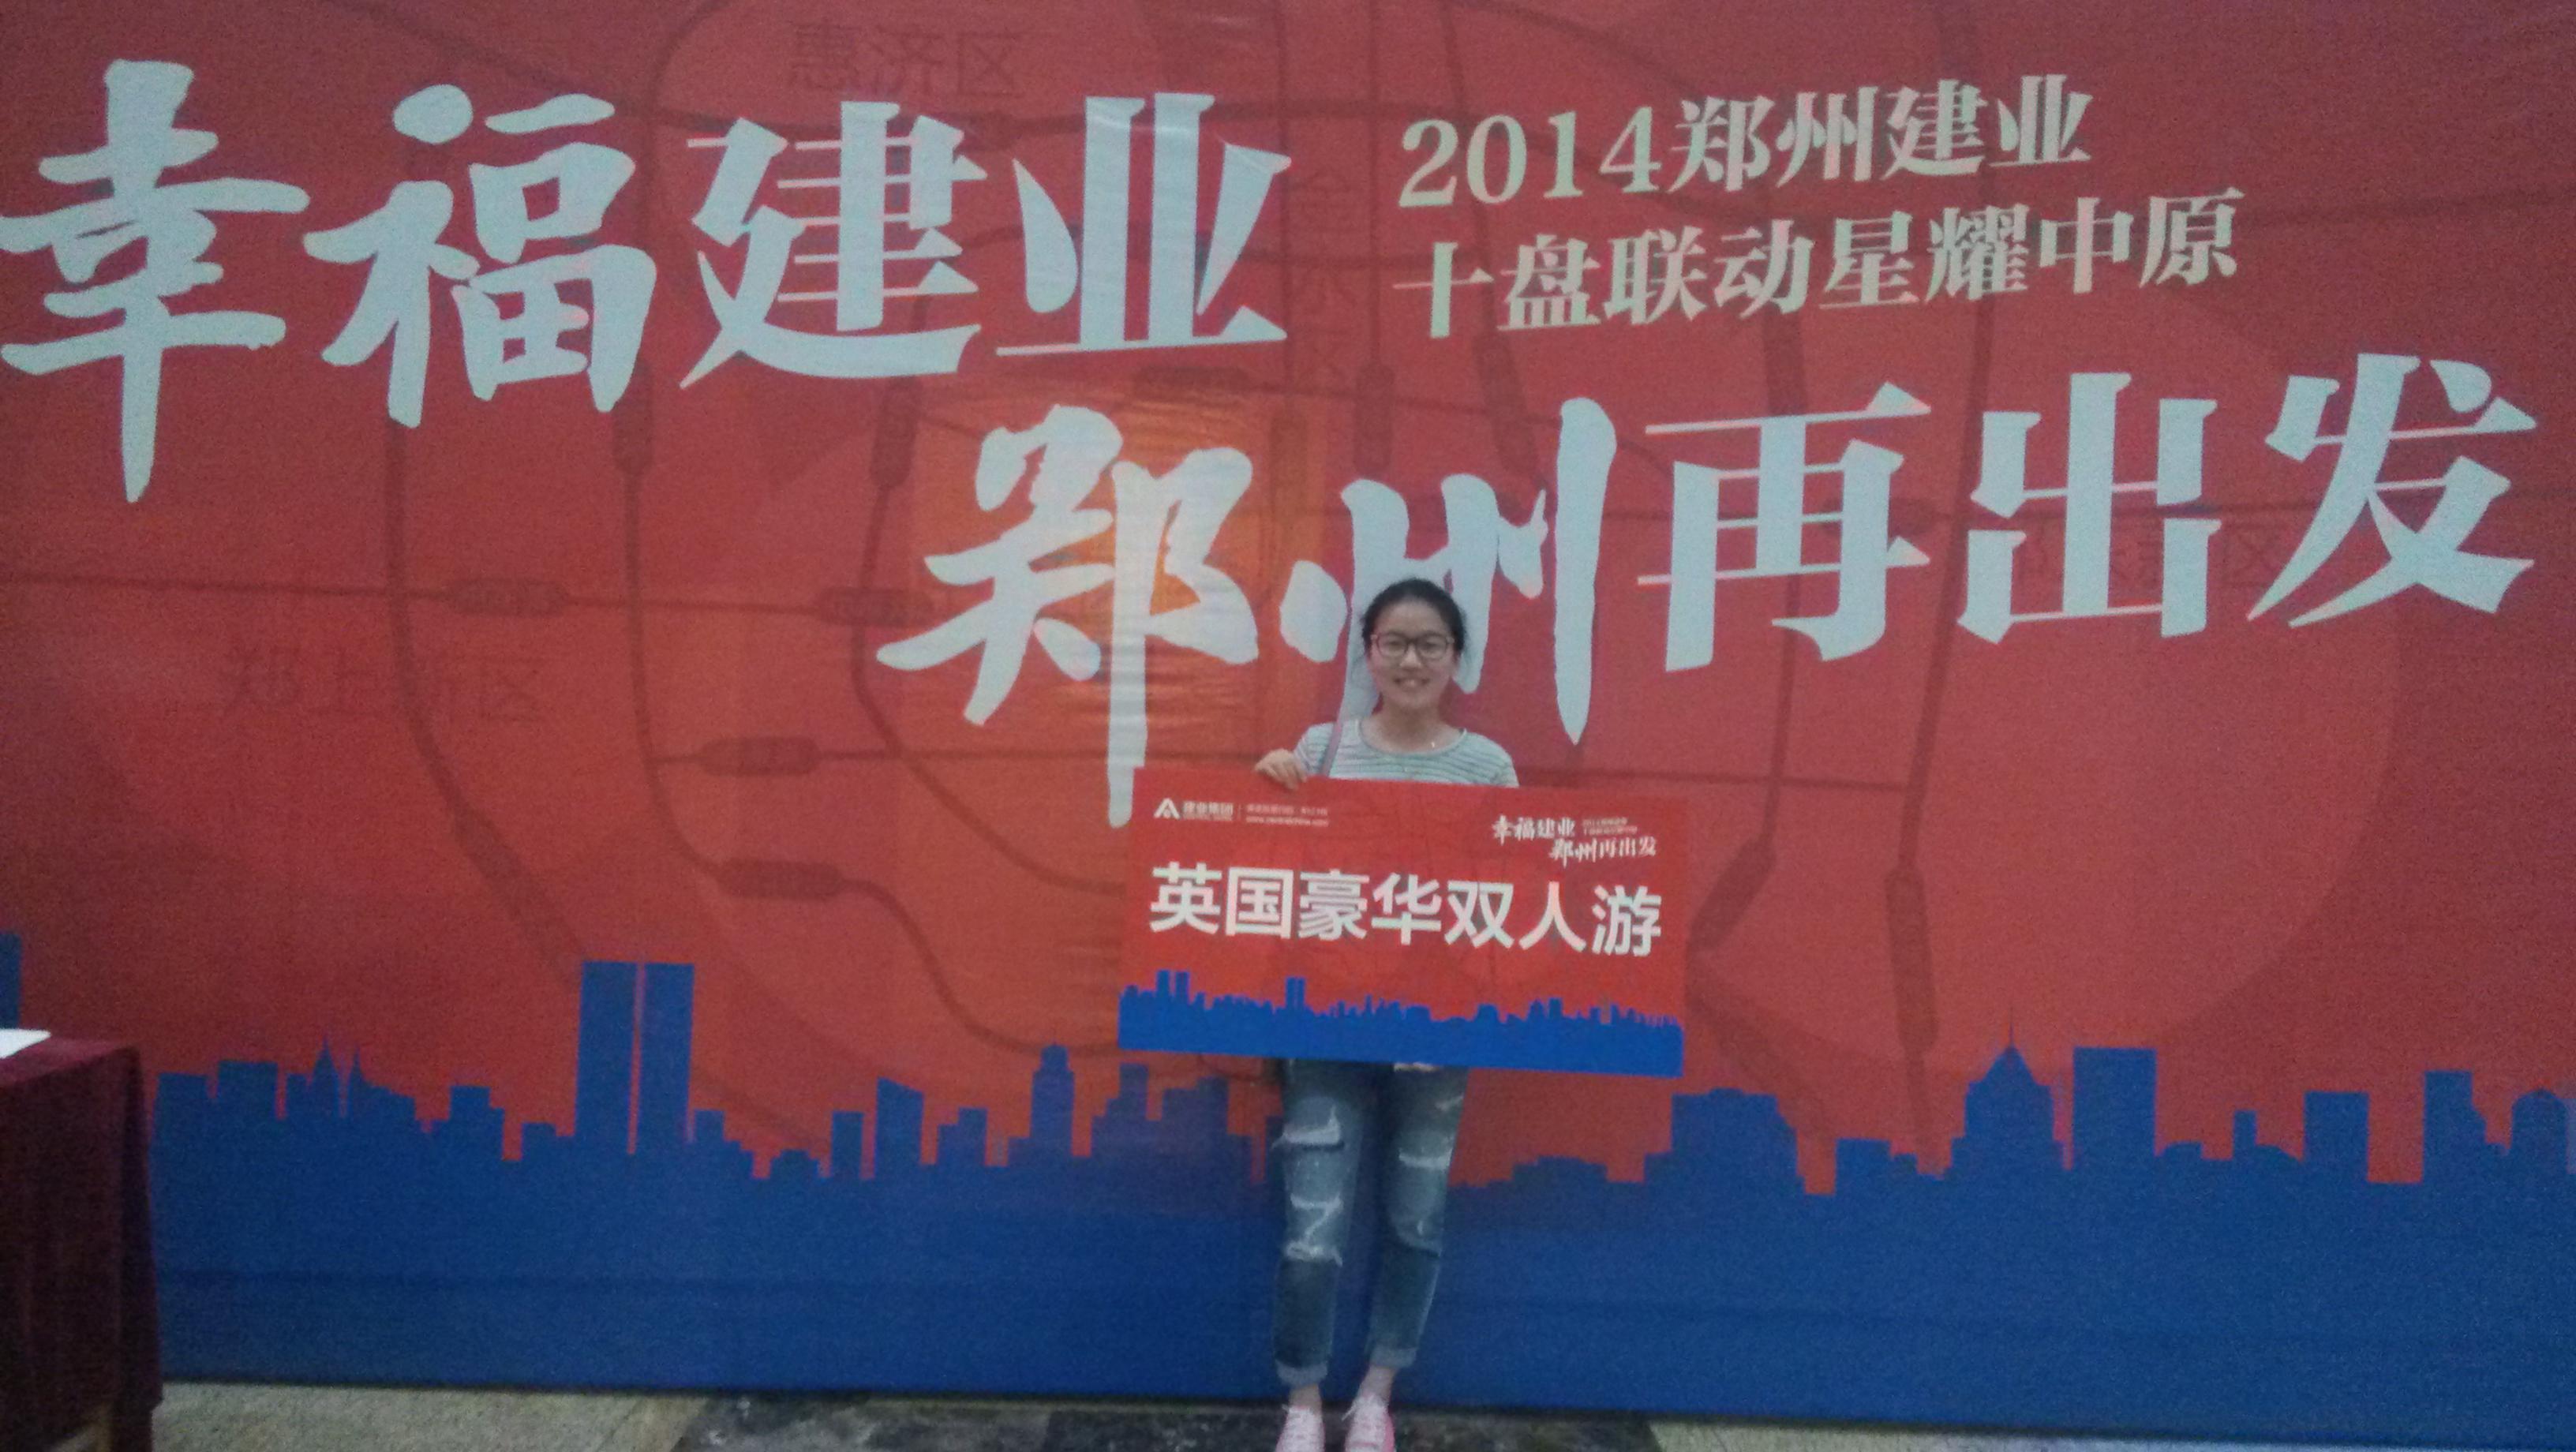 郑州建业十盘联动感恩中原 再绎莎翁话剧分享幸福